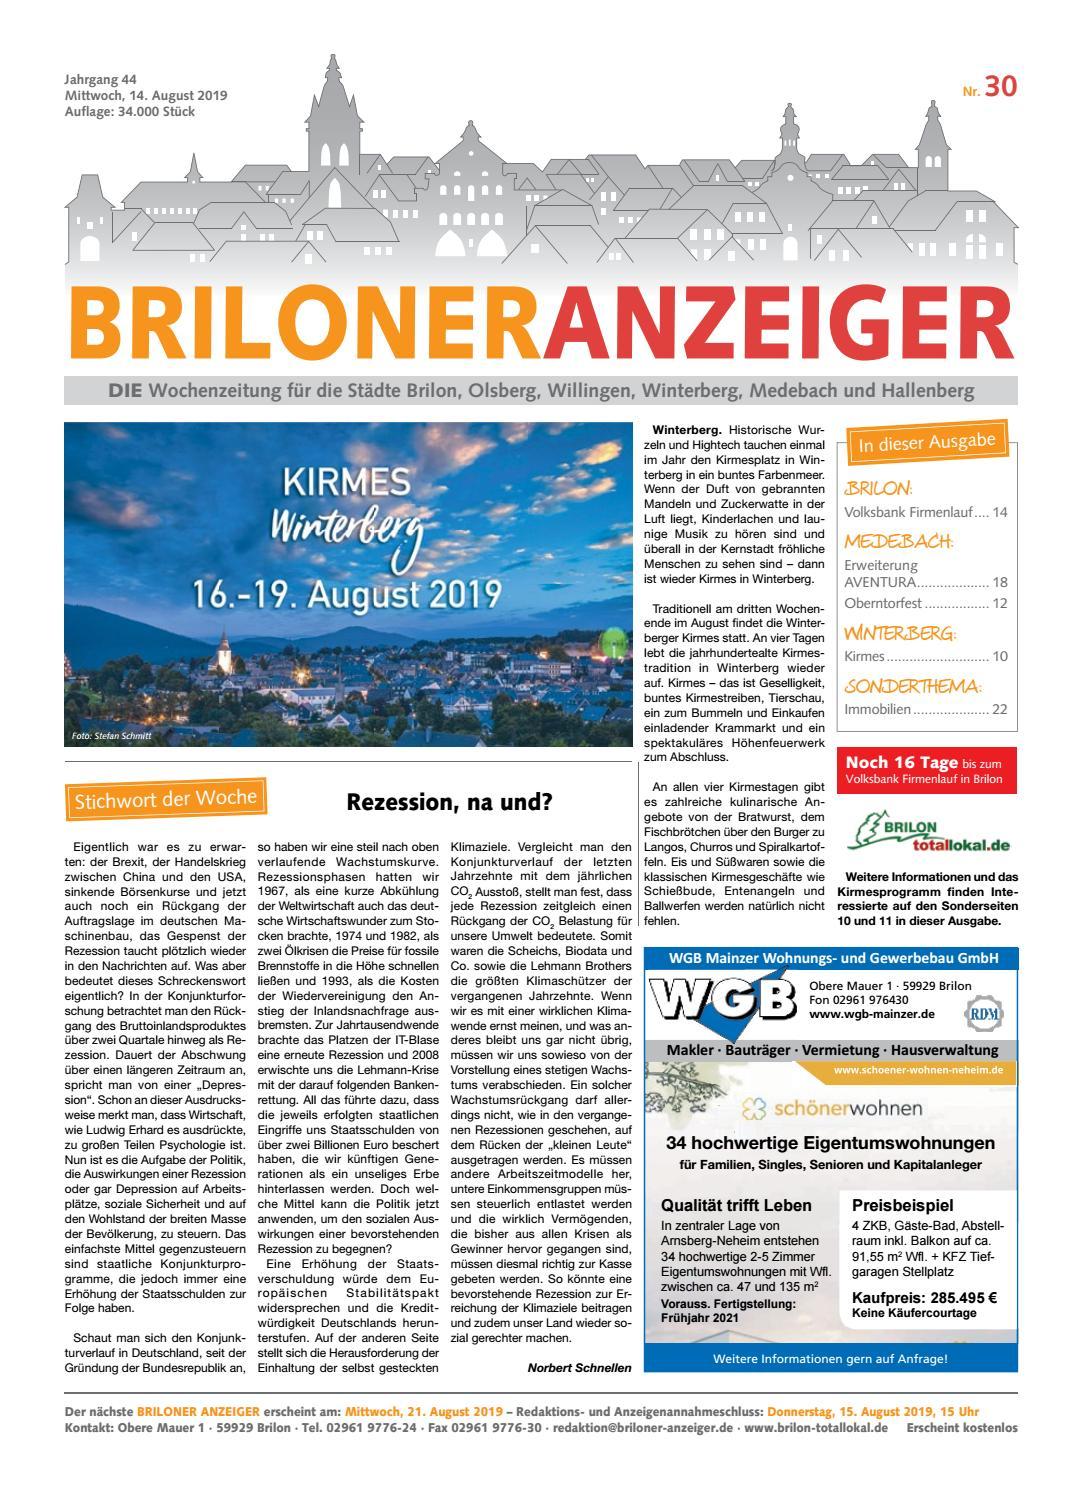 Lufthansa A350 Schwerin Feiert Premiere In 1 500 Die Ulm